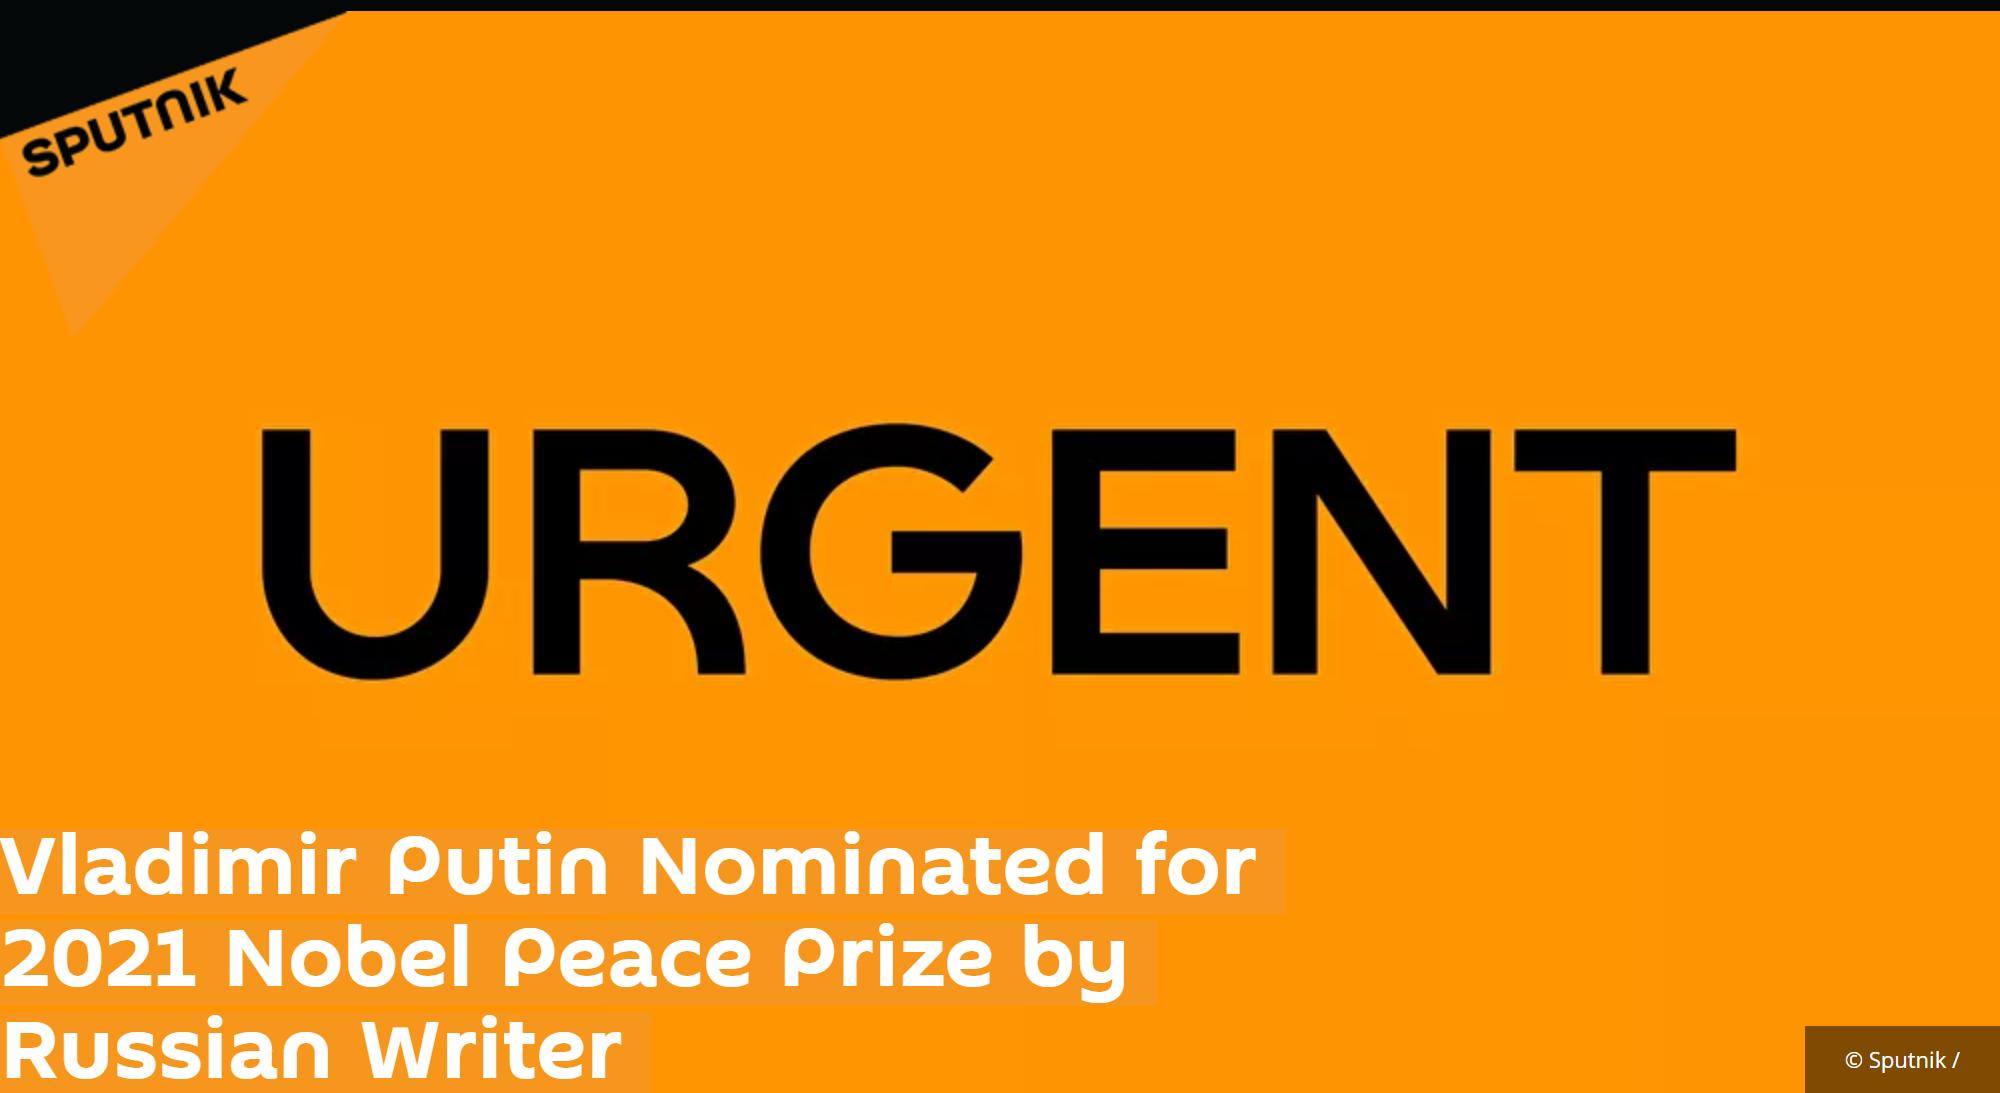 快讯!俄媒:普京被提名2021年诺贝尔和平奖 第1张